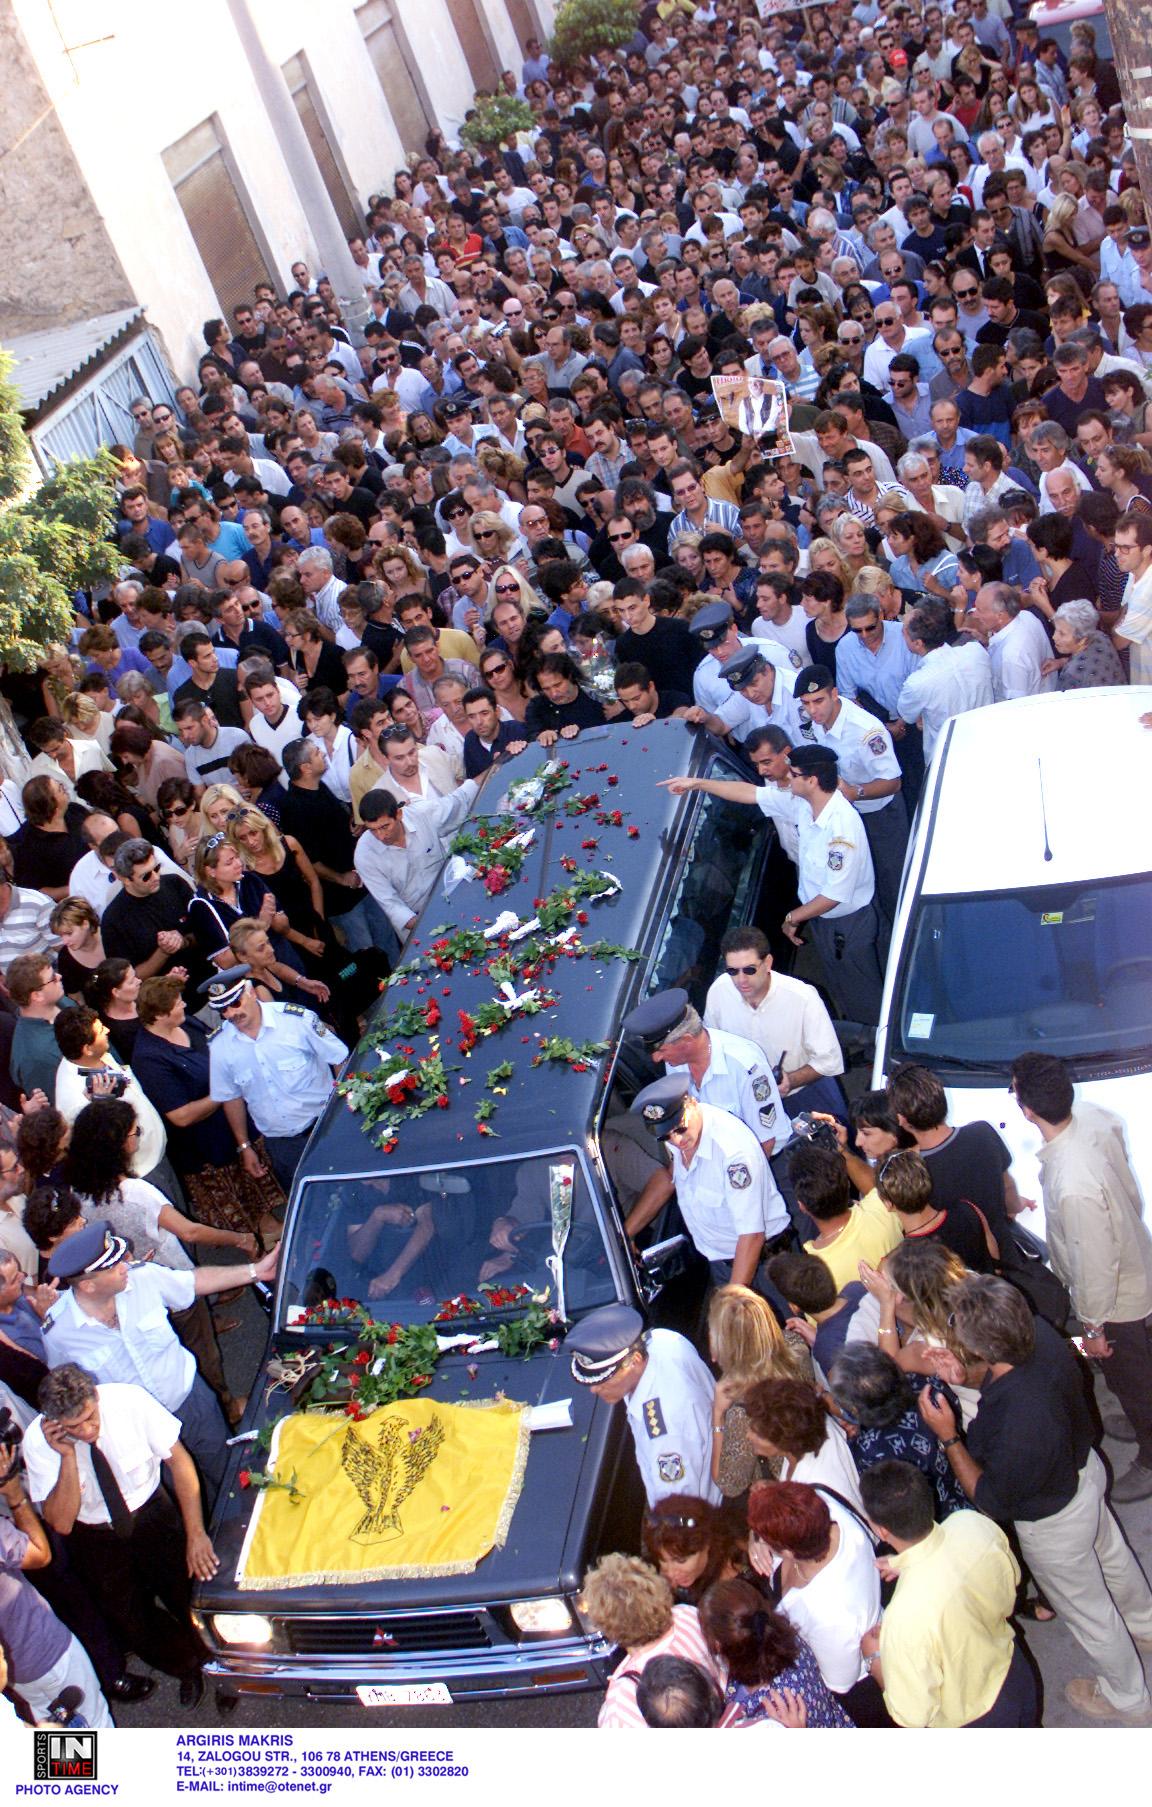 Πλήθος κόσμου στην κηδεία του Στέλιου Καζαντζίδη